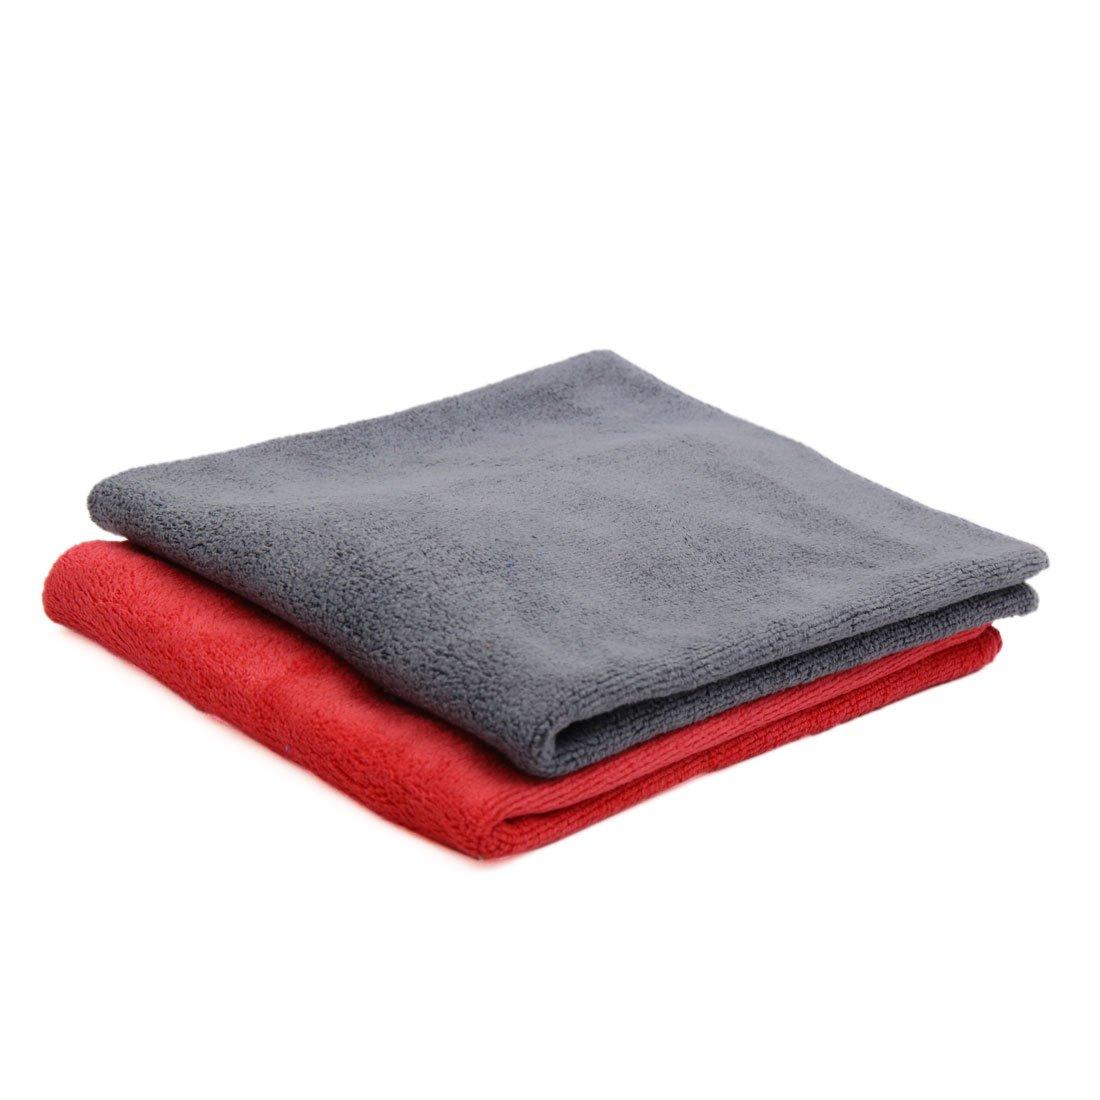 sourcingmap® 2pcs 40 x 40cm 400g/m² nettoyage voiture en microfibre séchage serviettes tissu lavage Rouge Gris sourcing map a17030600ux0126